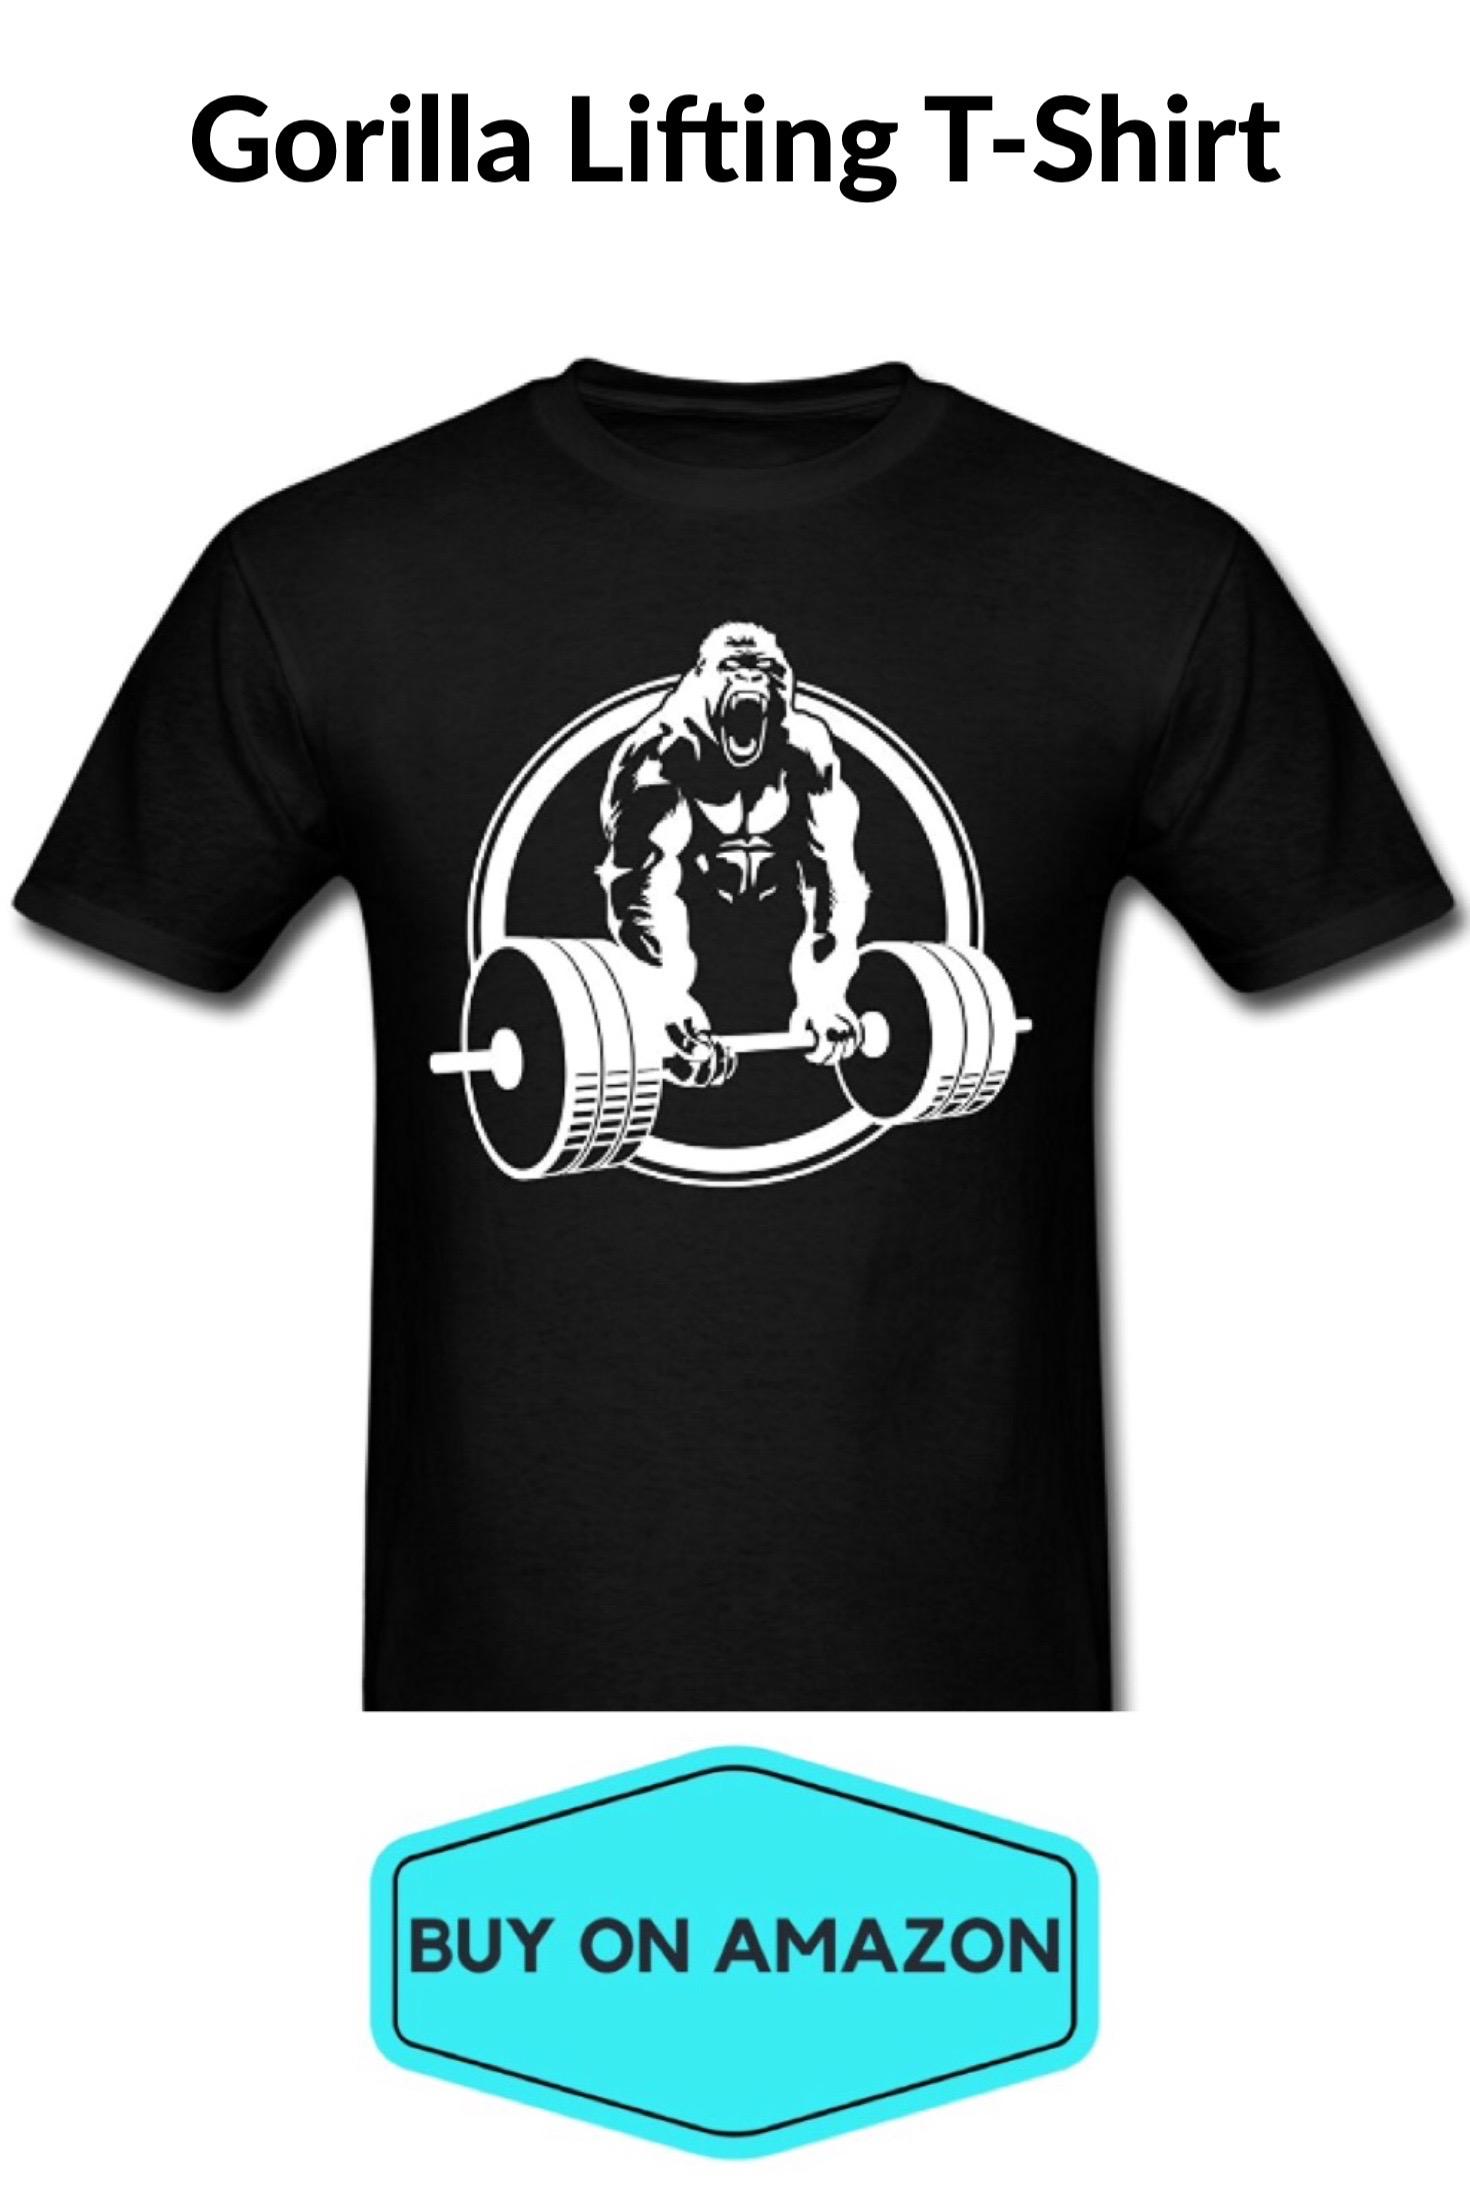 Gorilla Lifting T-Shirt